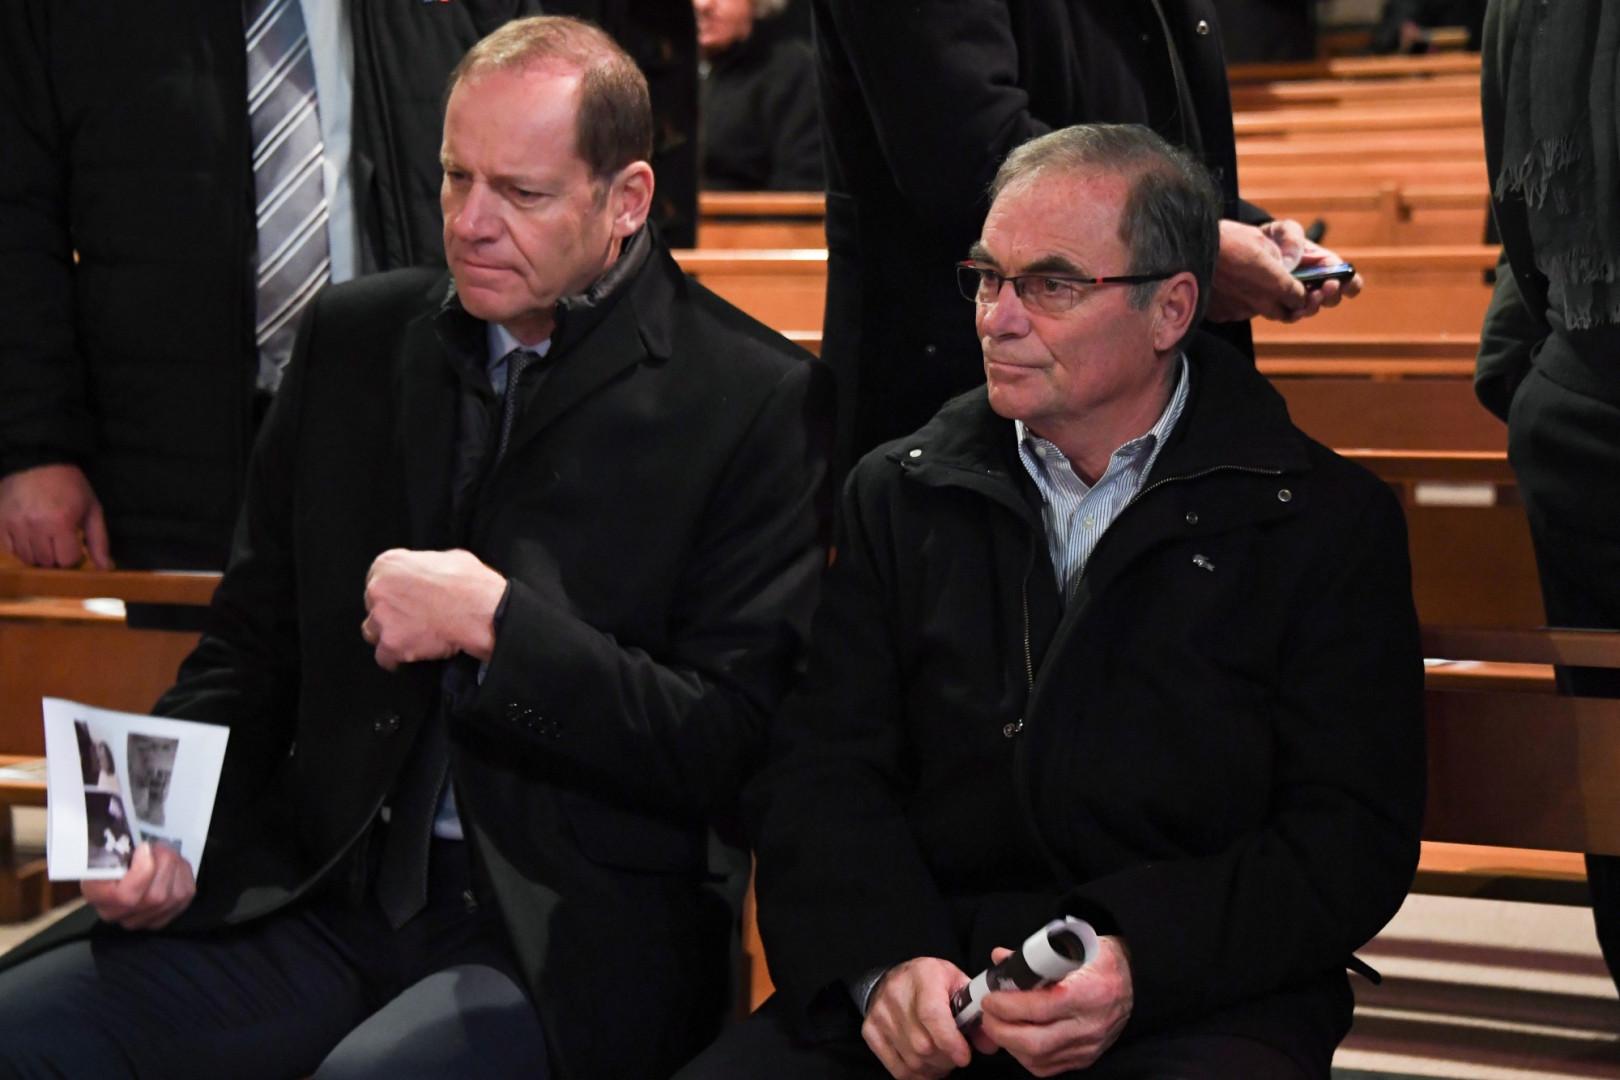 Le patron du Tour de France  Christian Prudhomme  et l'ancien vainqueur de la Grande Boucle Bernard Hinault aux obsèques de Raymond Poulidor, le 19 novembre